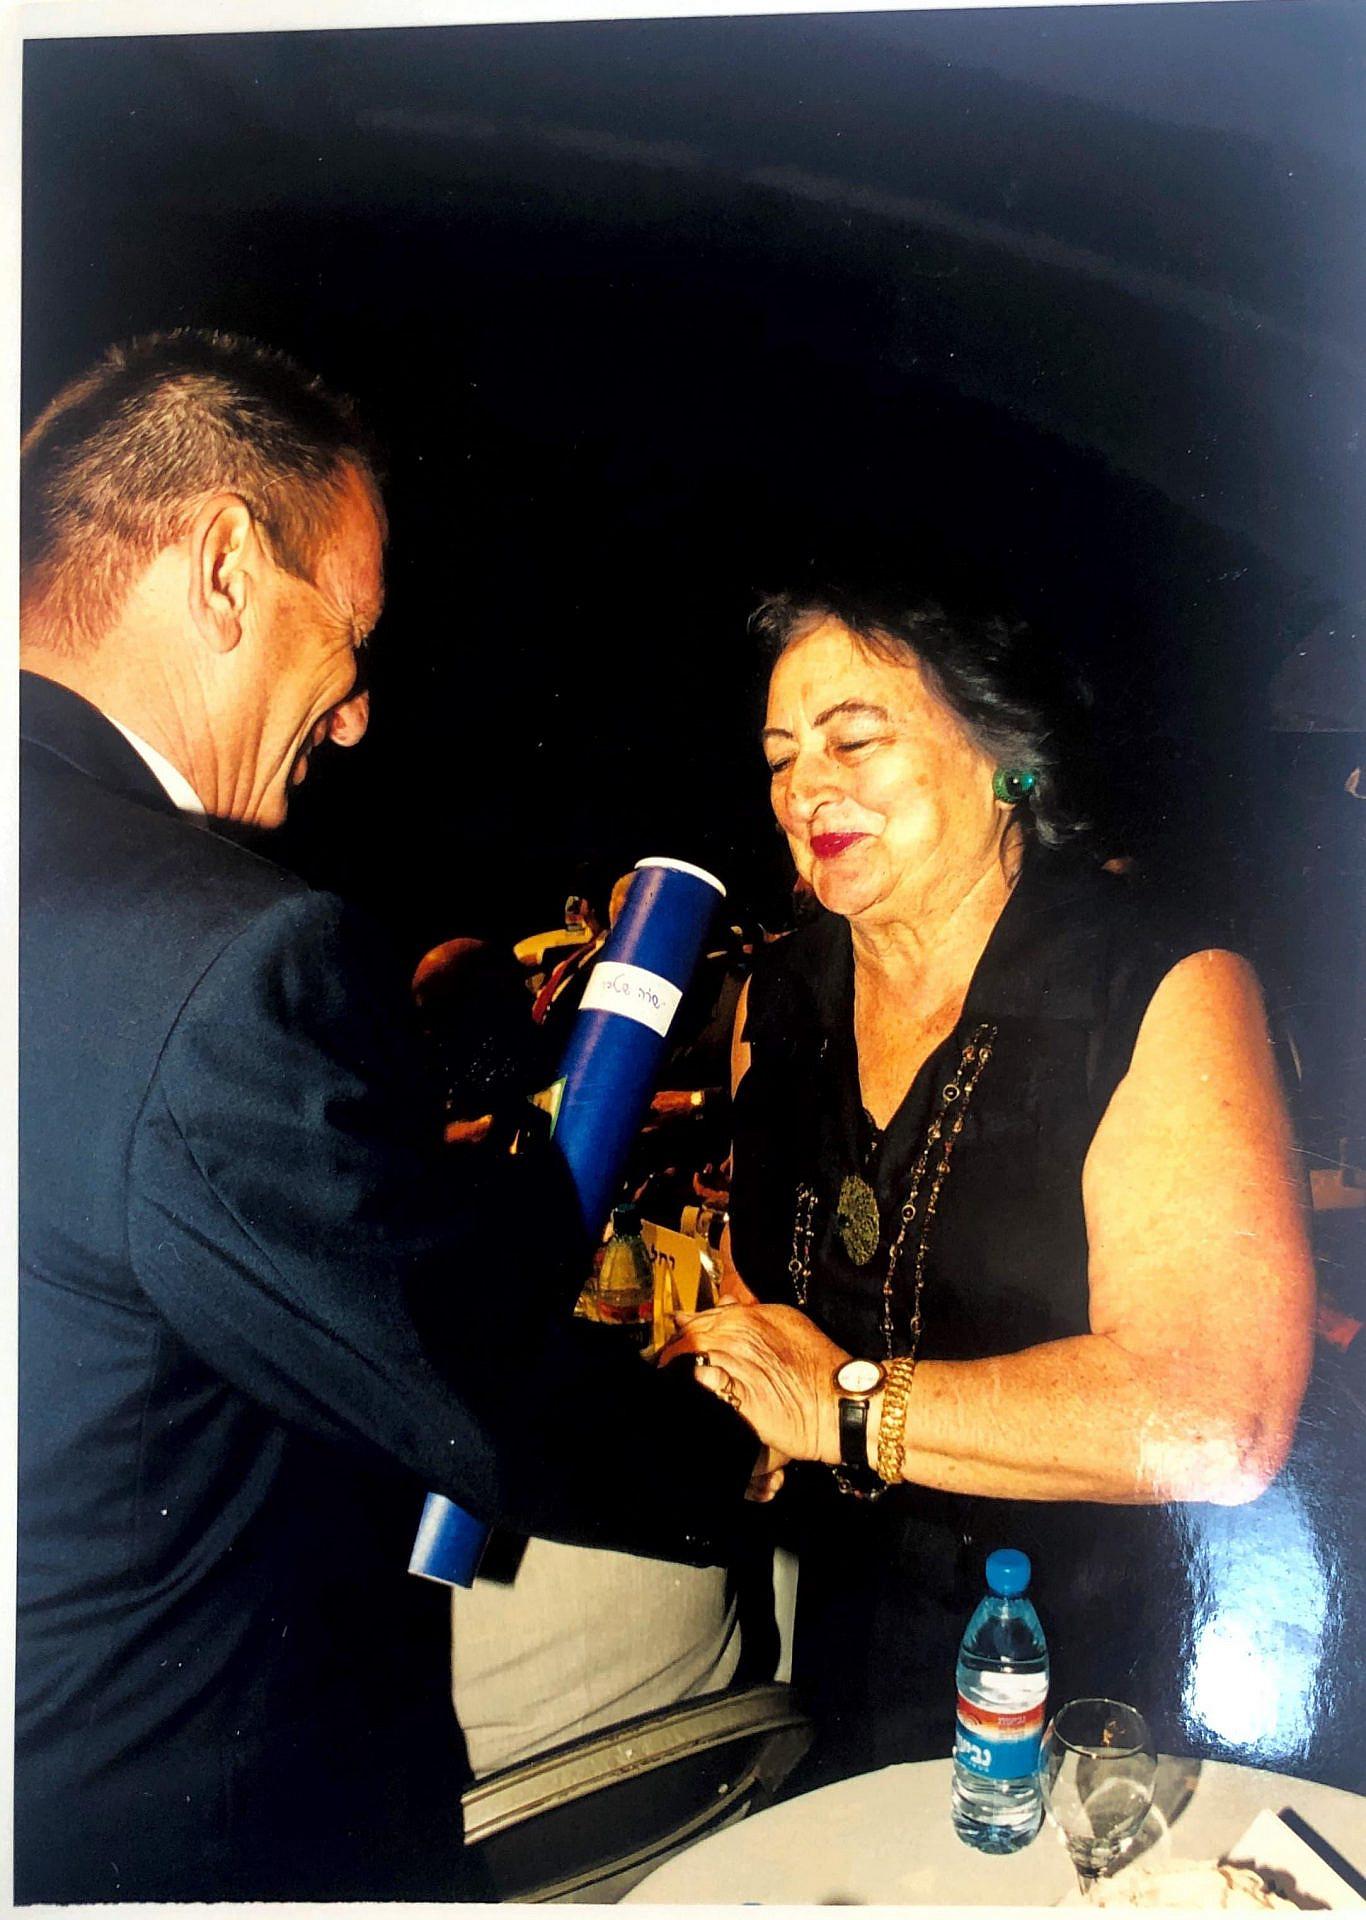 """""""סבתא עם רון חולדאי בטקס קבלת יקירת העיר תל אביב. וואו כמה היא התרגשה מזה החמודה הזאת"""""""